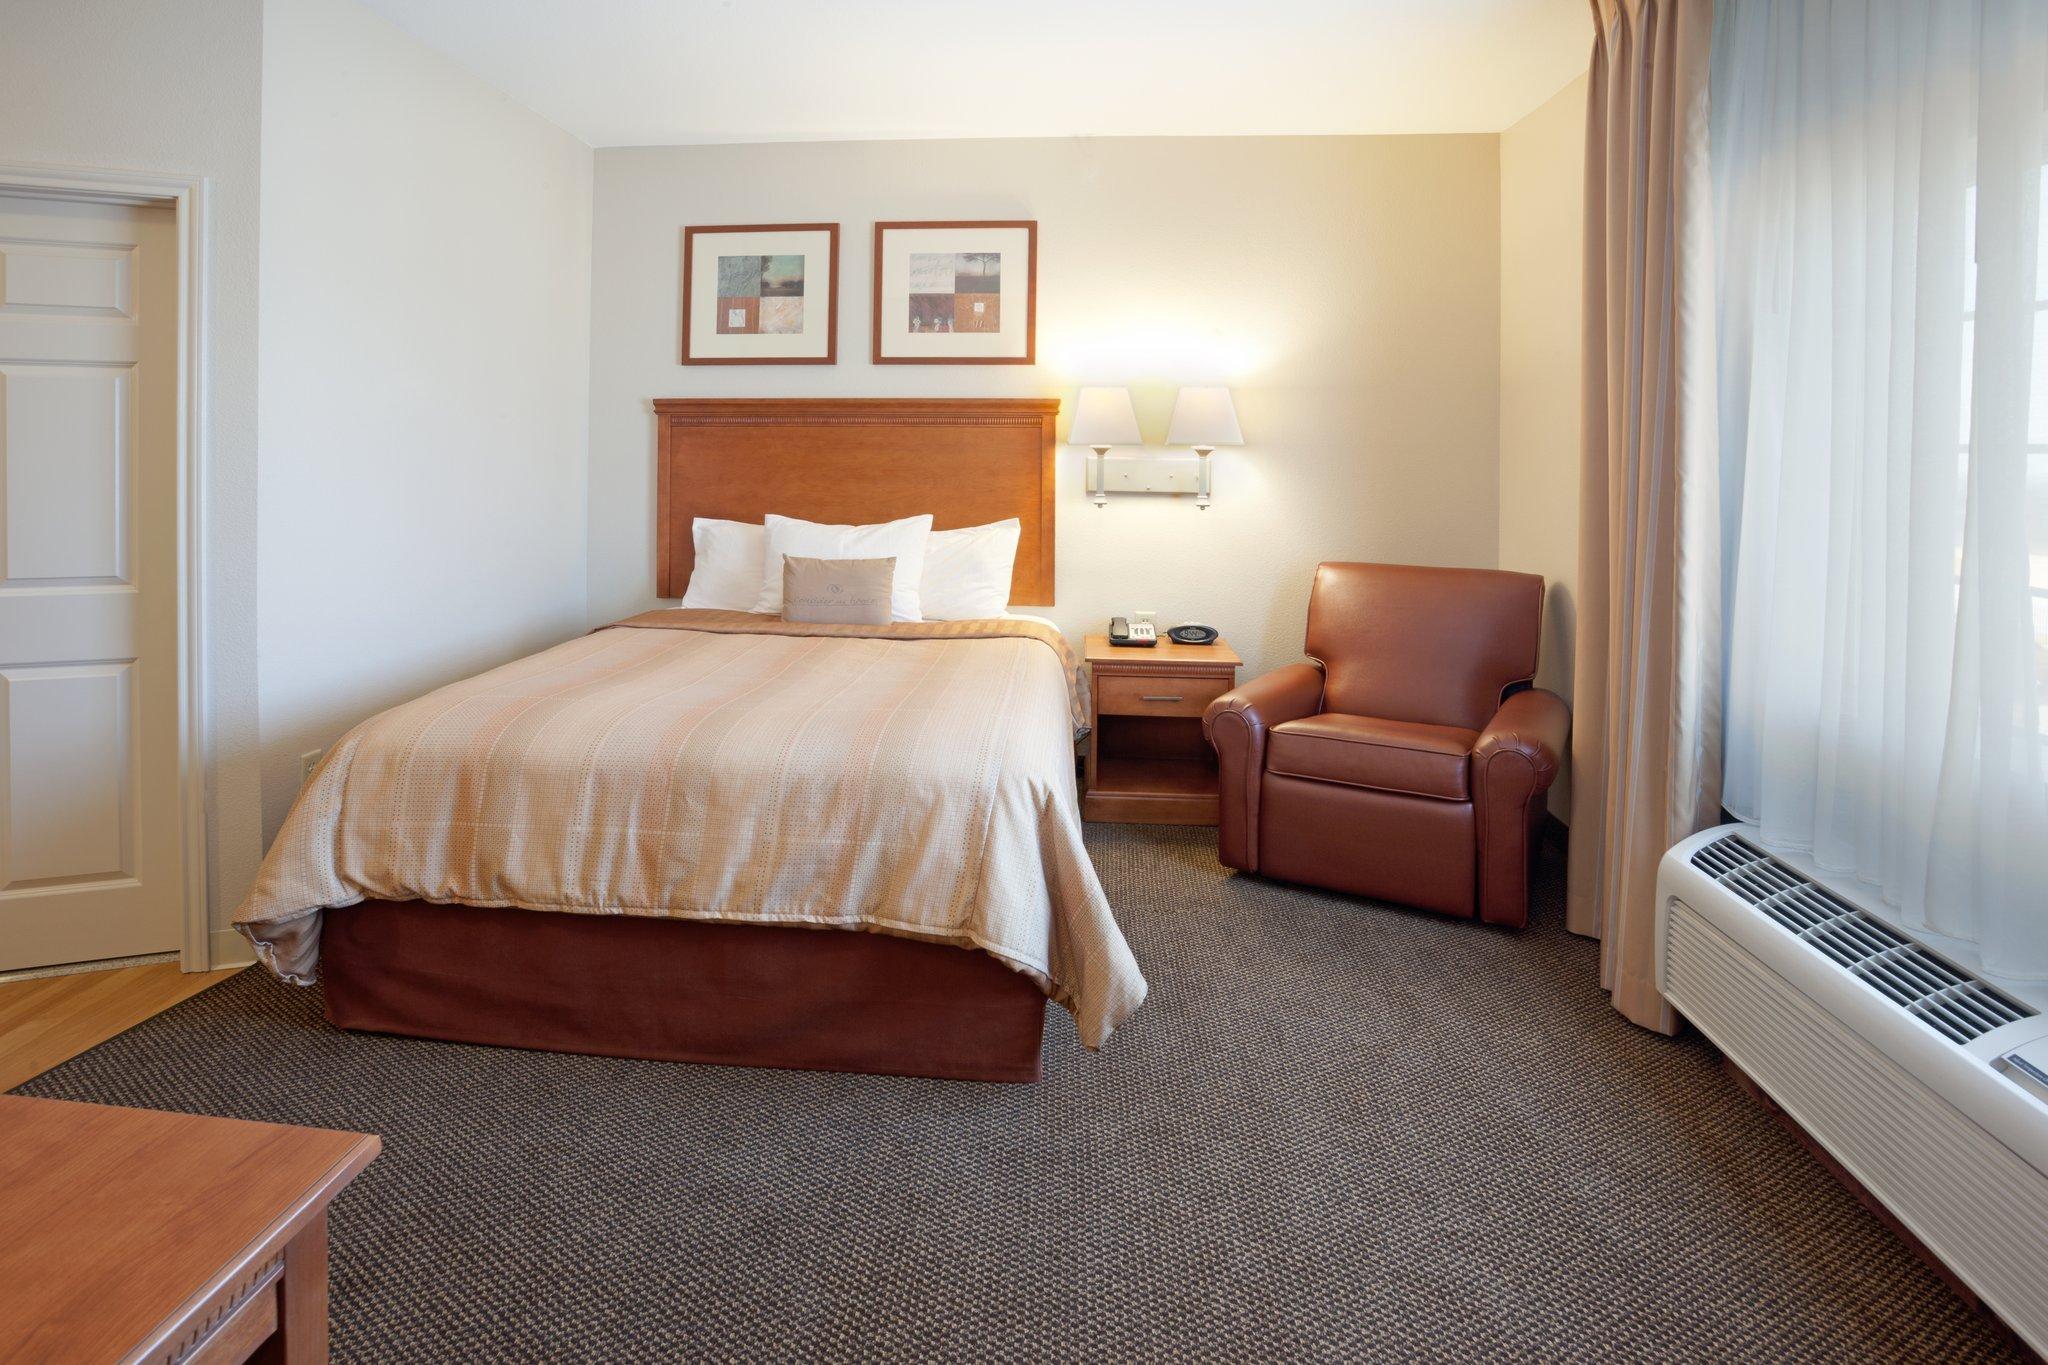 聖安東尼奧北斯通奧克地區坎德伍德套房飯店